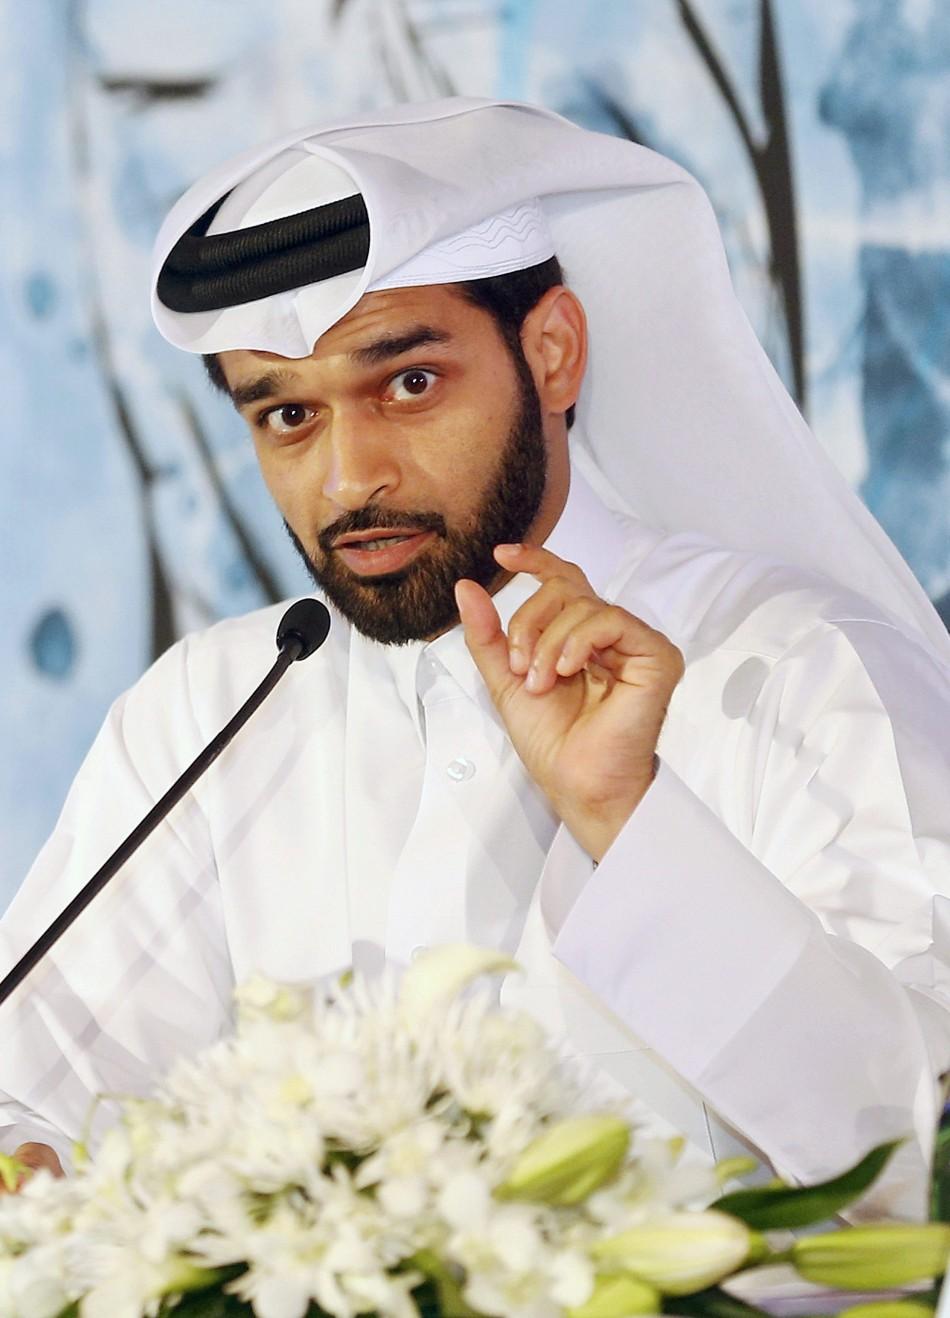 Qatar World Cup 2022 Stadium Looks Like A Vagina